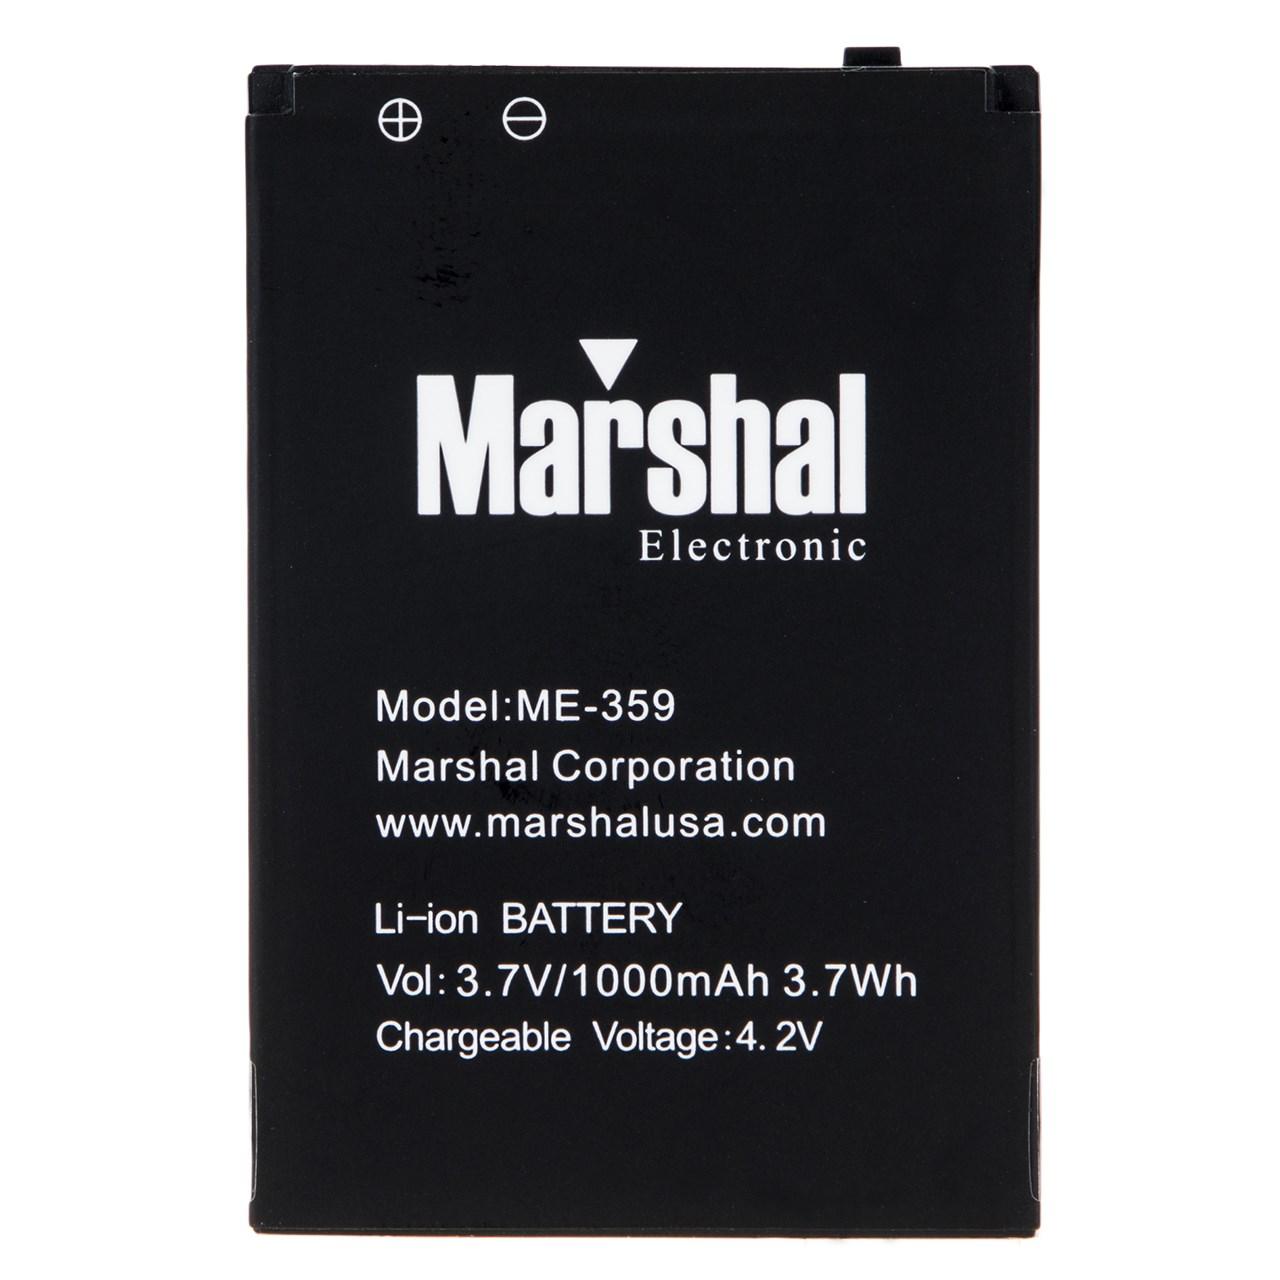 باتری مارشال مدل ME-359 با ظرفیت 1000mAh مناسب برای گوشی موبایل ME-359